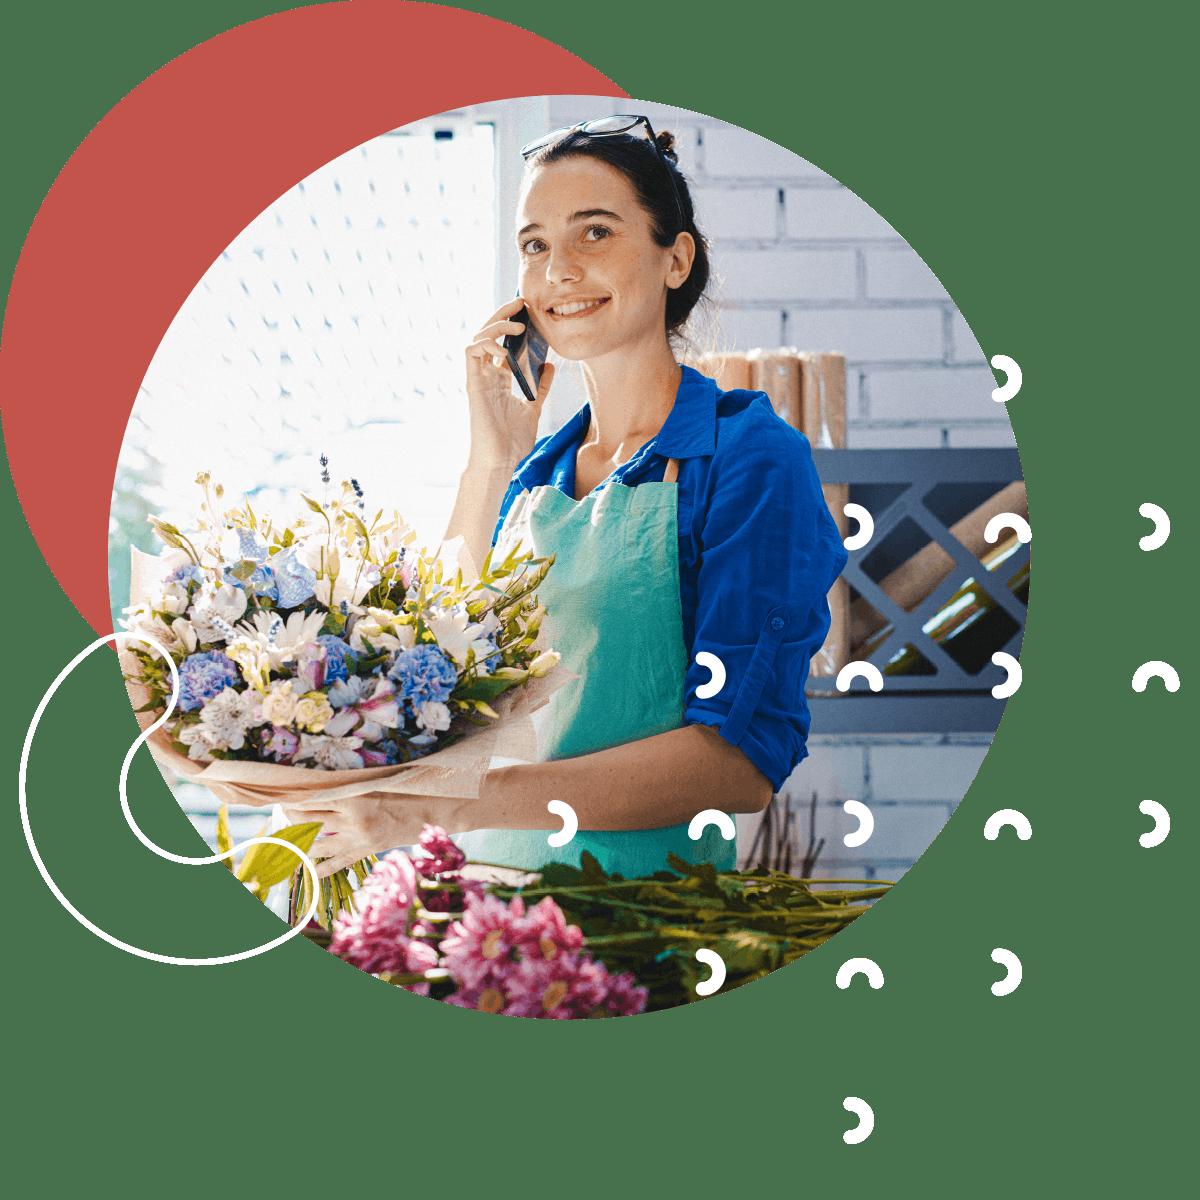 livraison pour les fleuristes